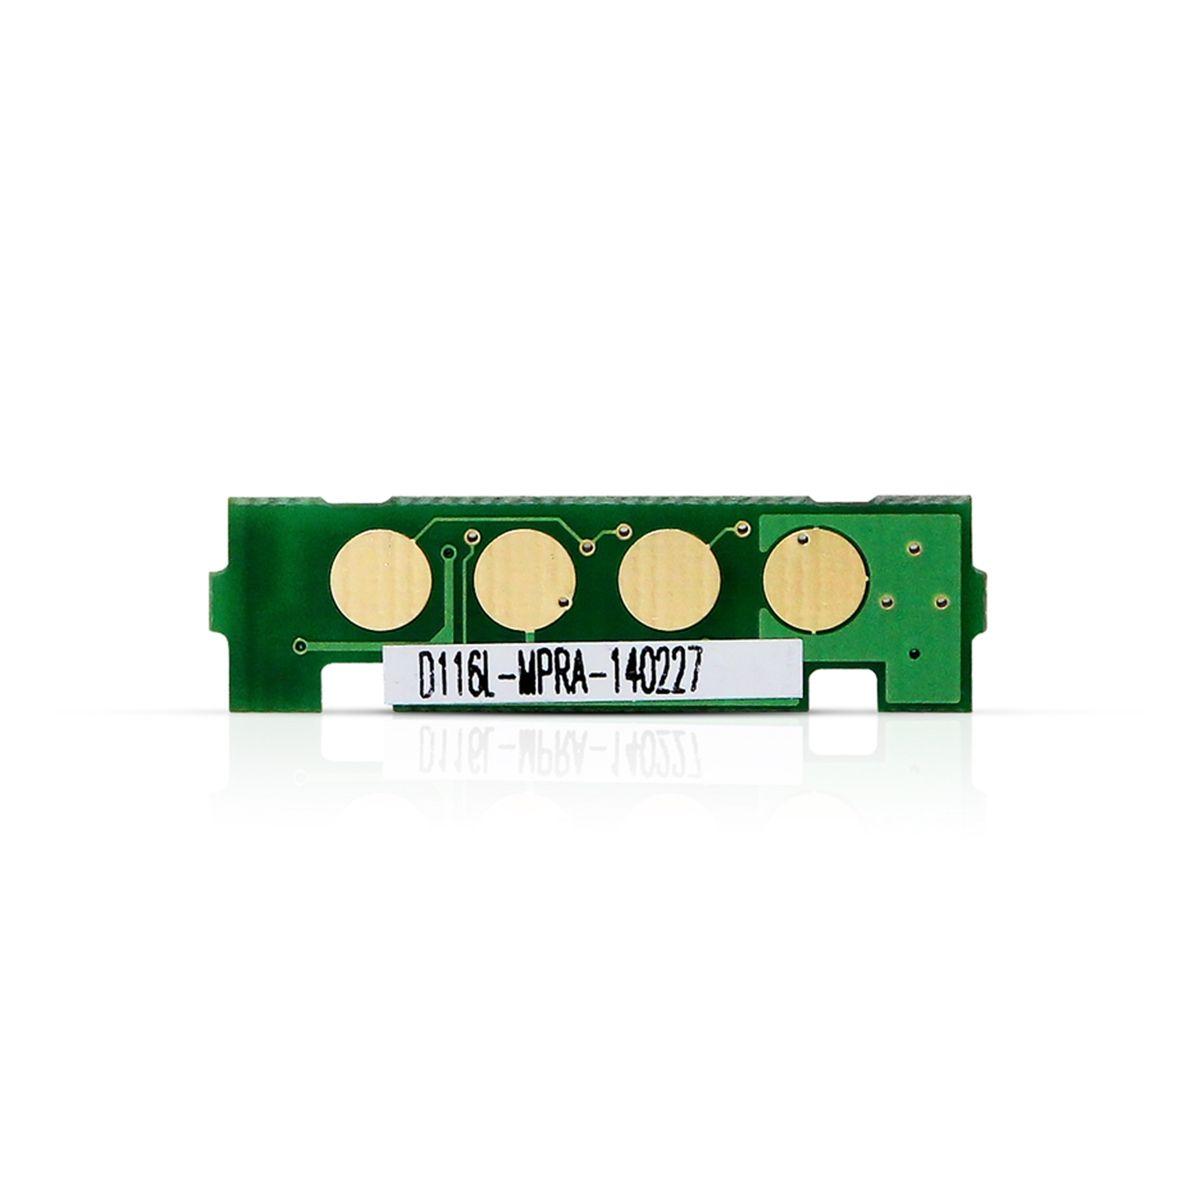 CHIP SAMSUNG D 116 L (3,0 K)